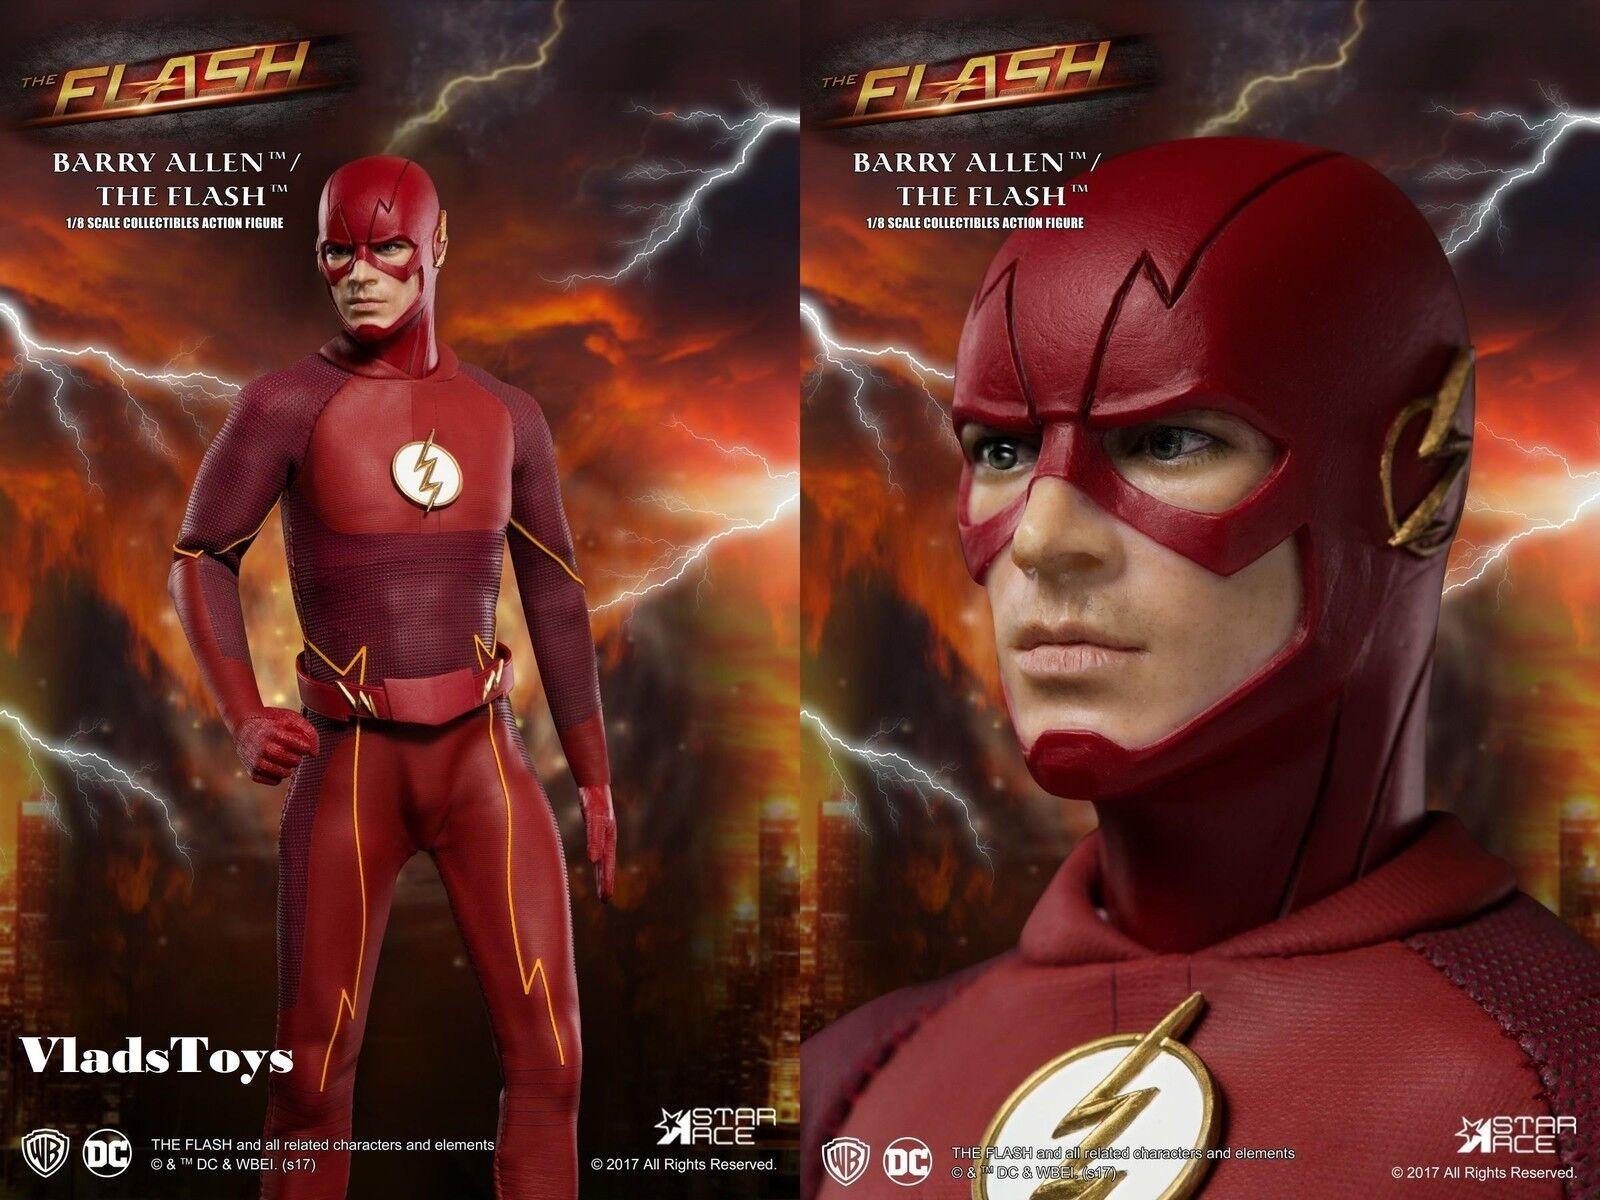 gran selección y entrega rápida Estrella Estrella Estrella Ace 1 8 Grant Gustin DC TV Real Master Series Barry Allen el Flash SA8003  marca en liquidación de venta